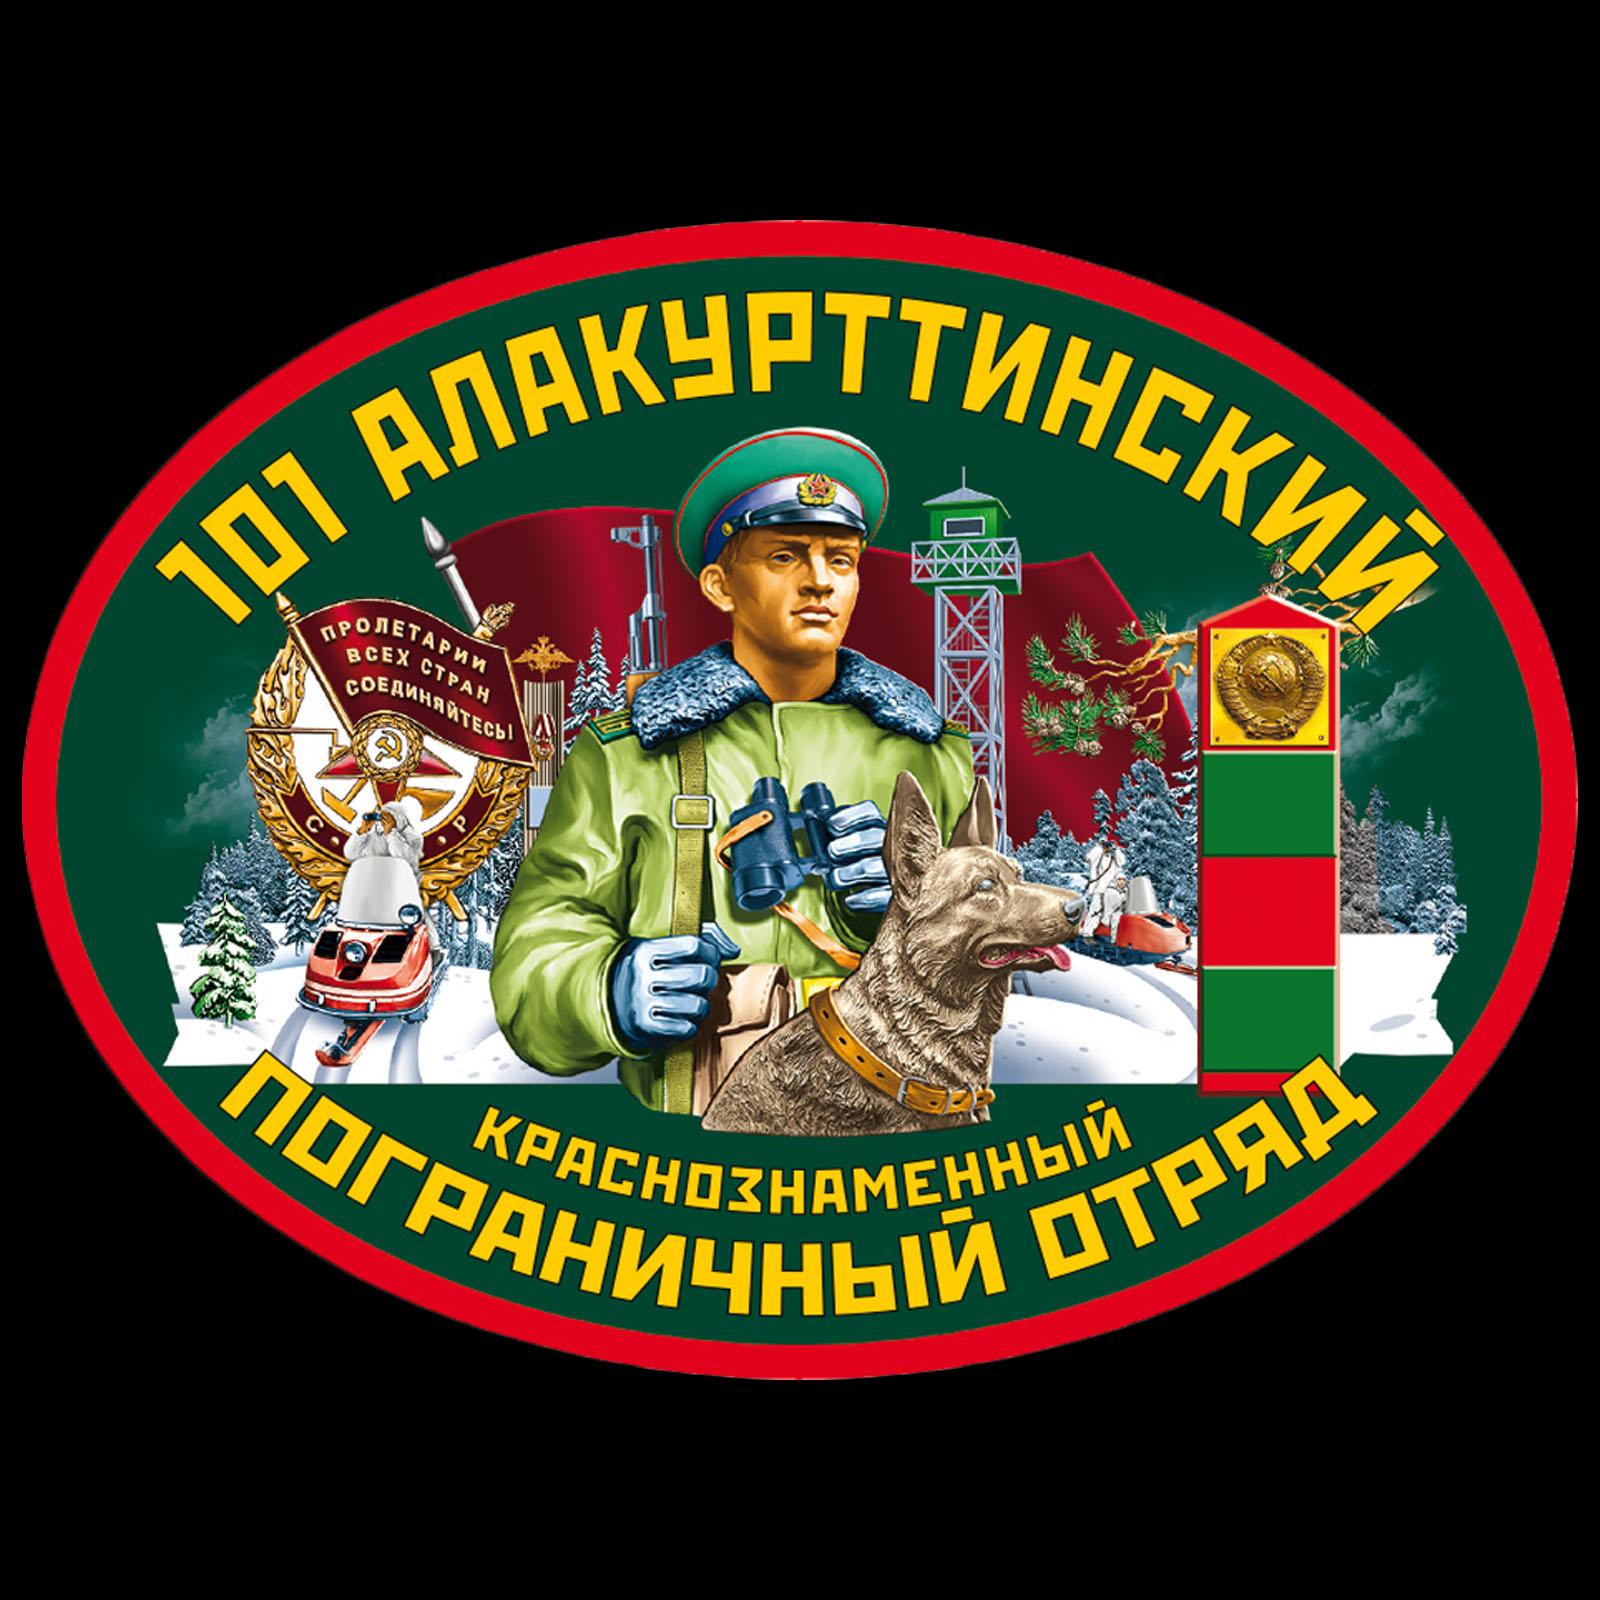 Чёрная футболка 101 Алакурттинский пограничный отряд